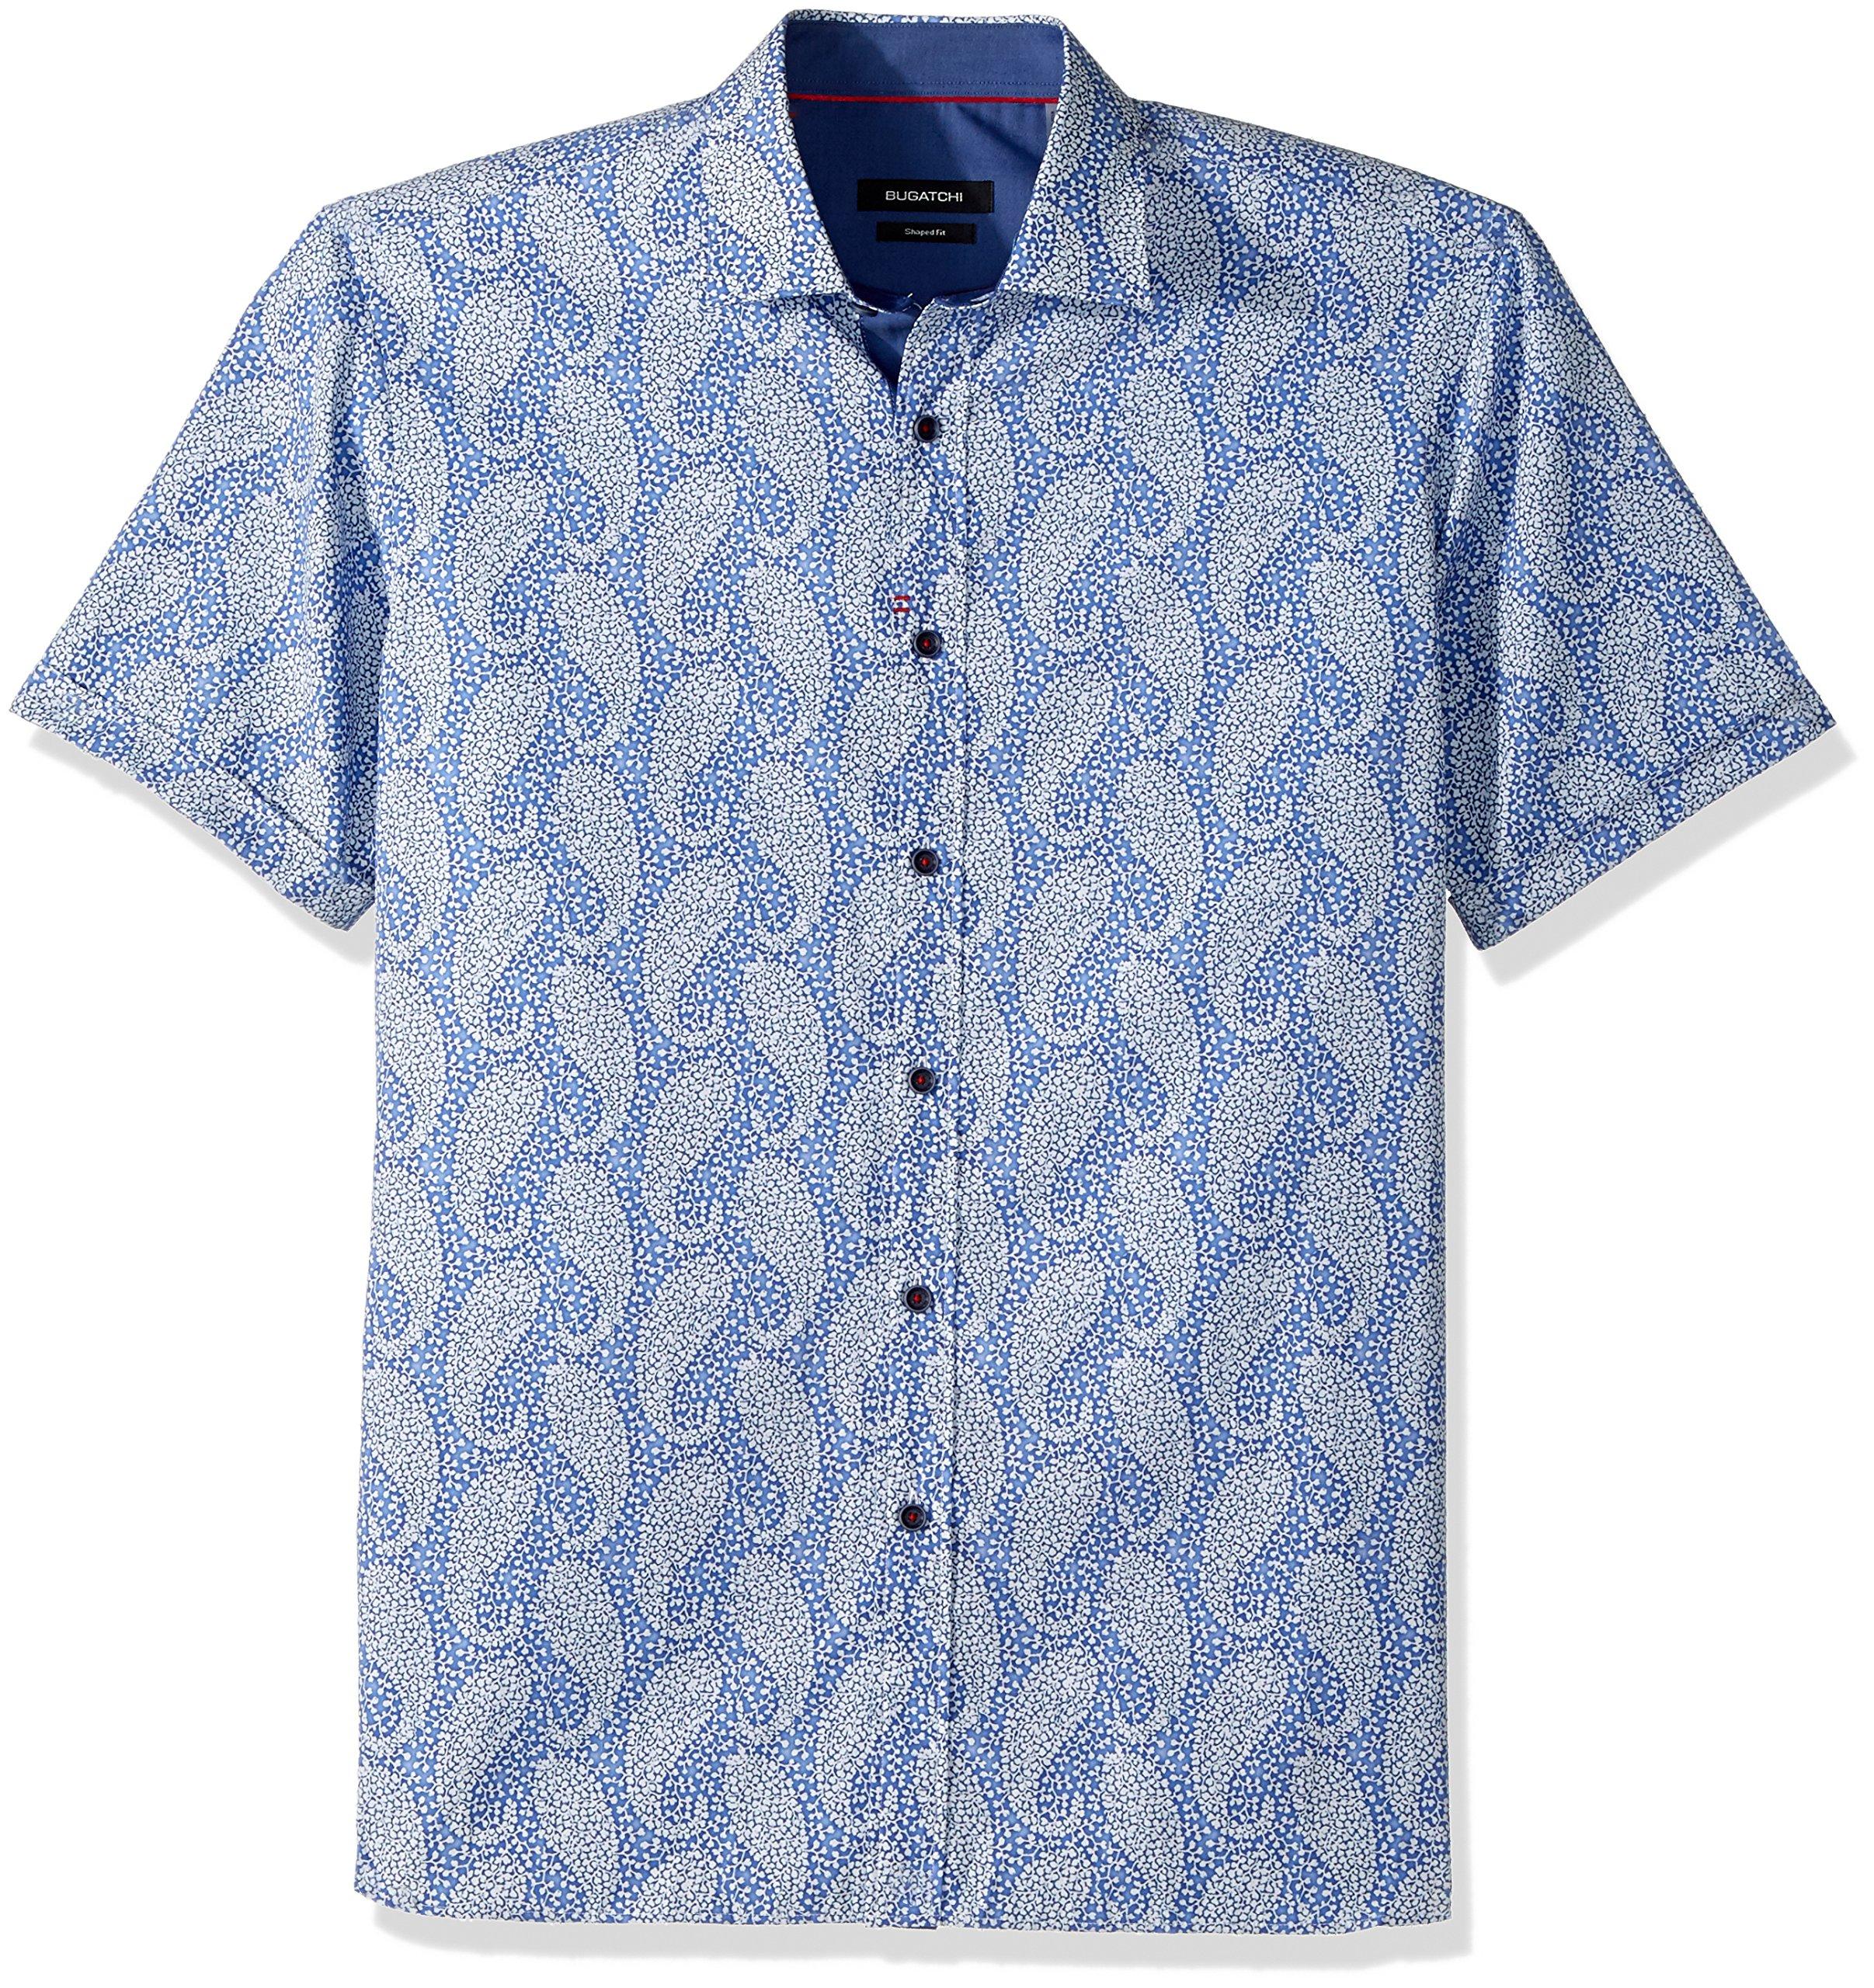 BUGATCHI Men's Fine Cotton Shaped Fit Point Collar, Classic Blue, M